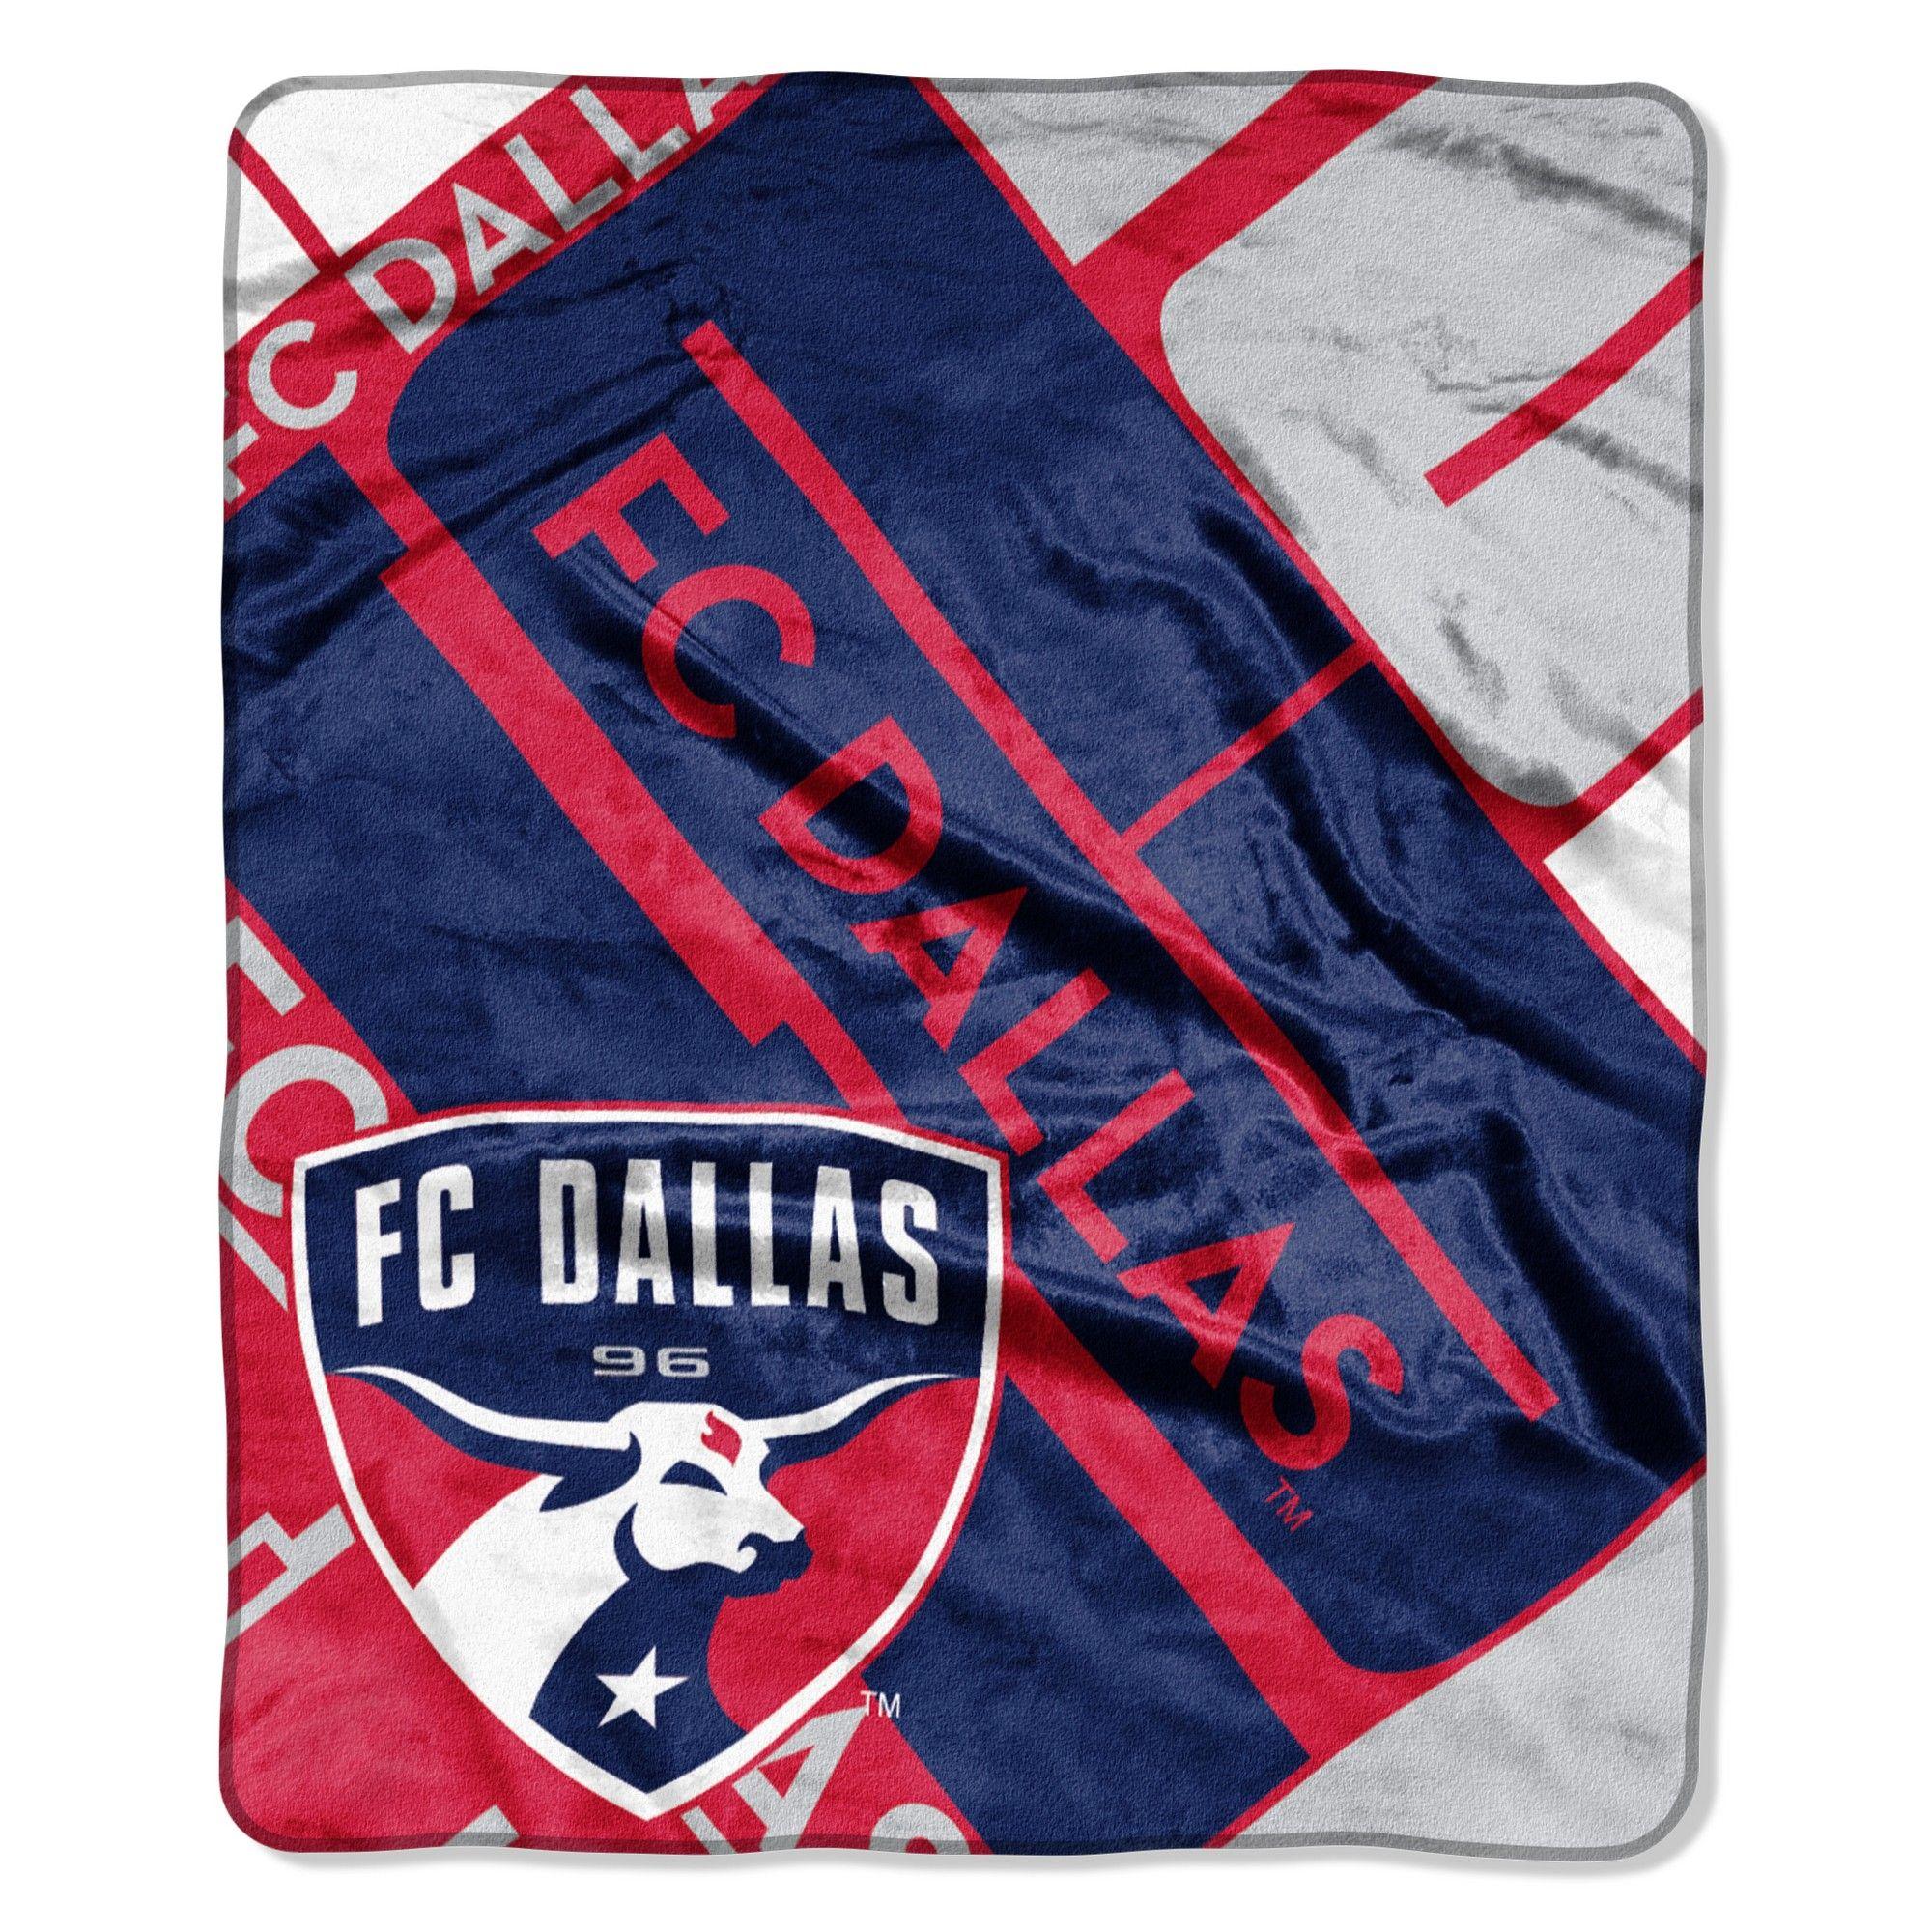 d3989ad117a14 Mls FC Dallas Throw Blanket 50